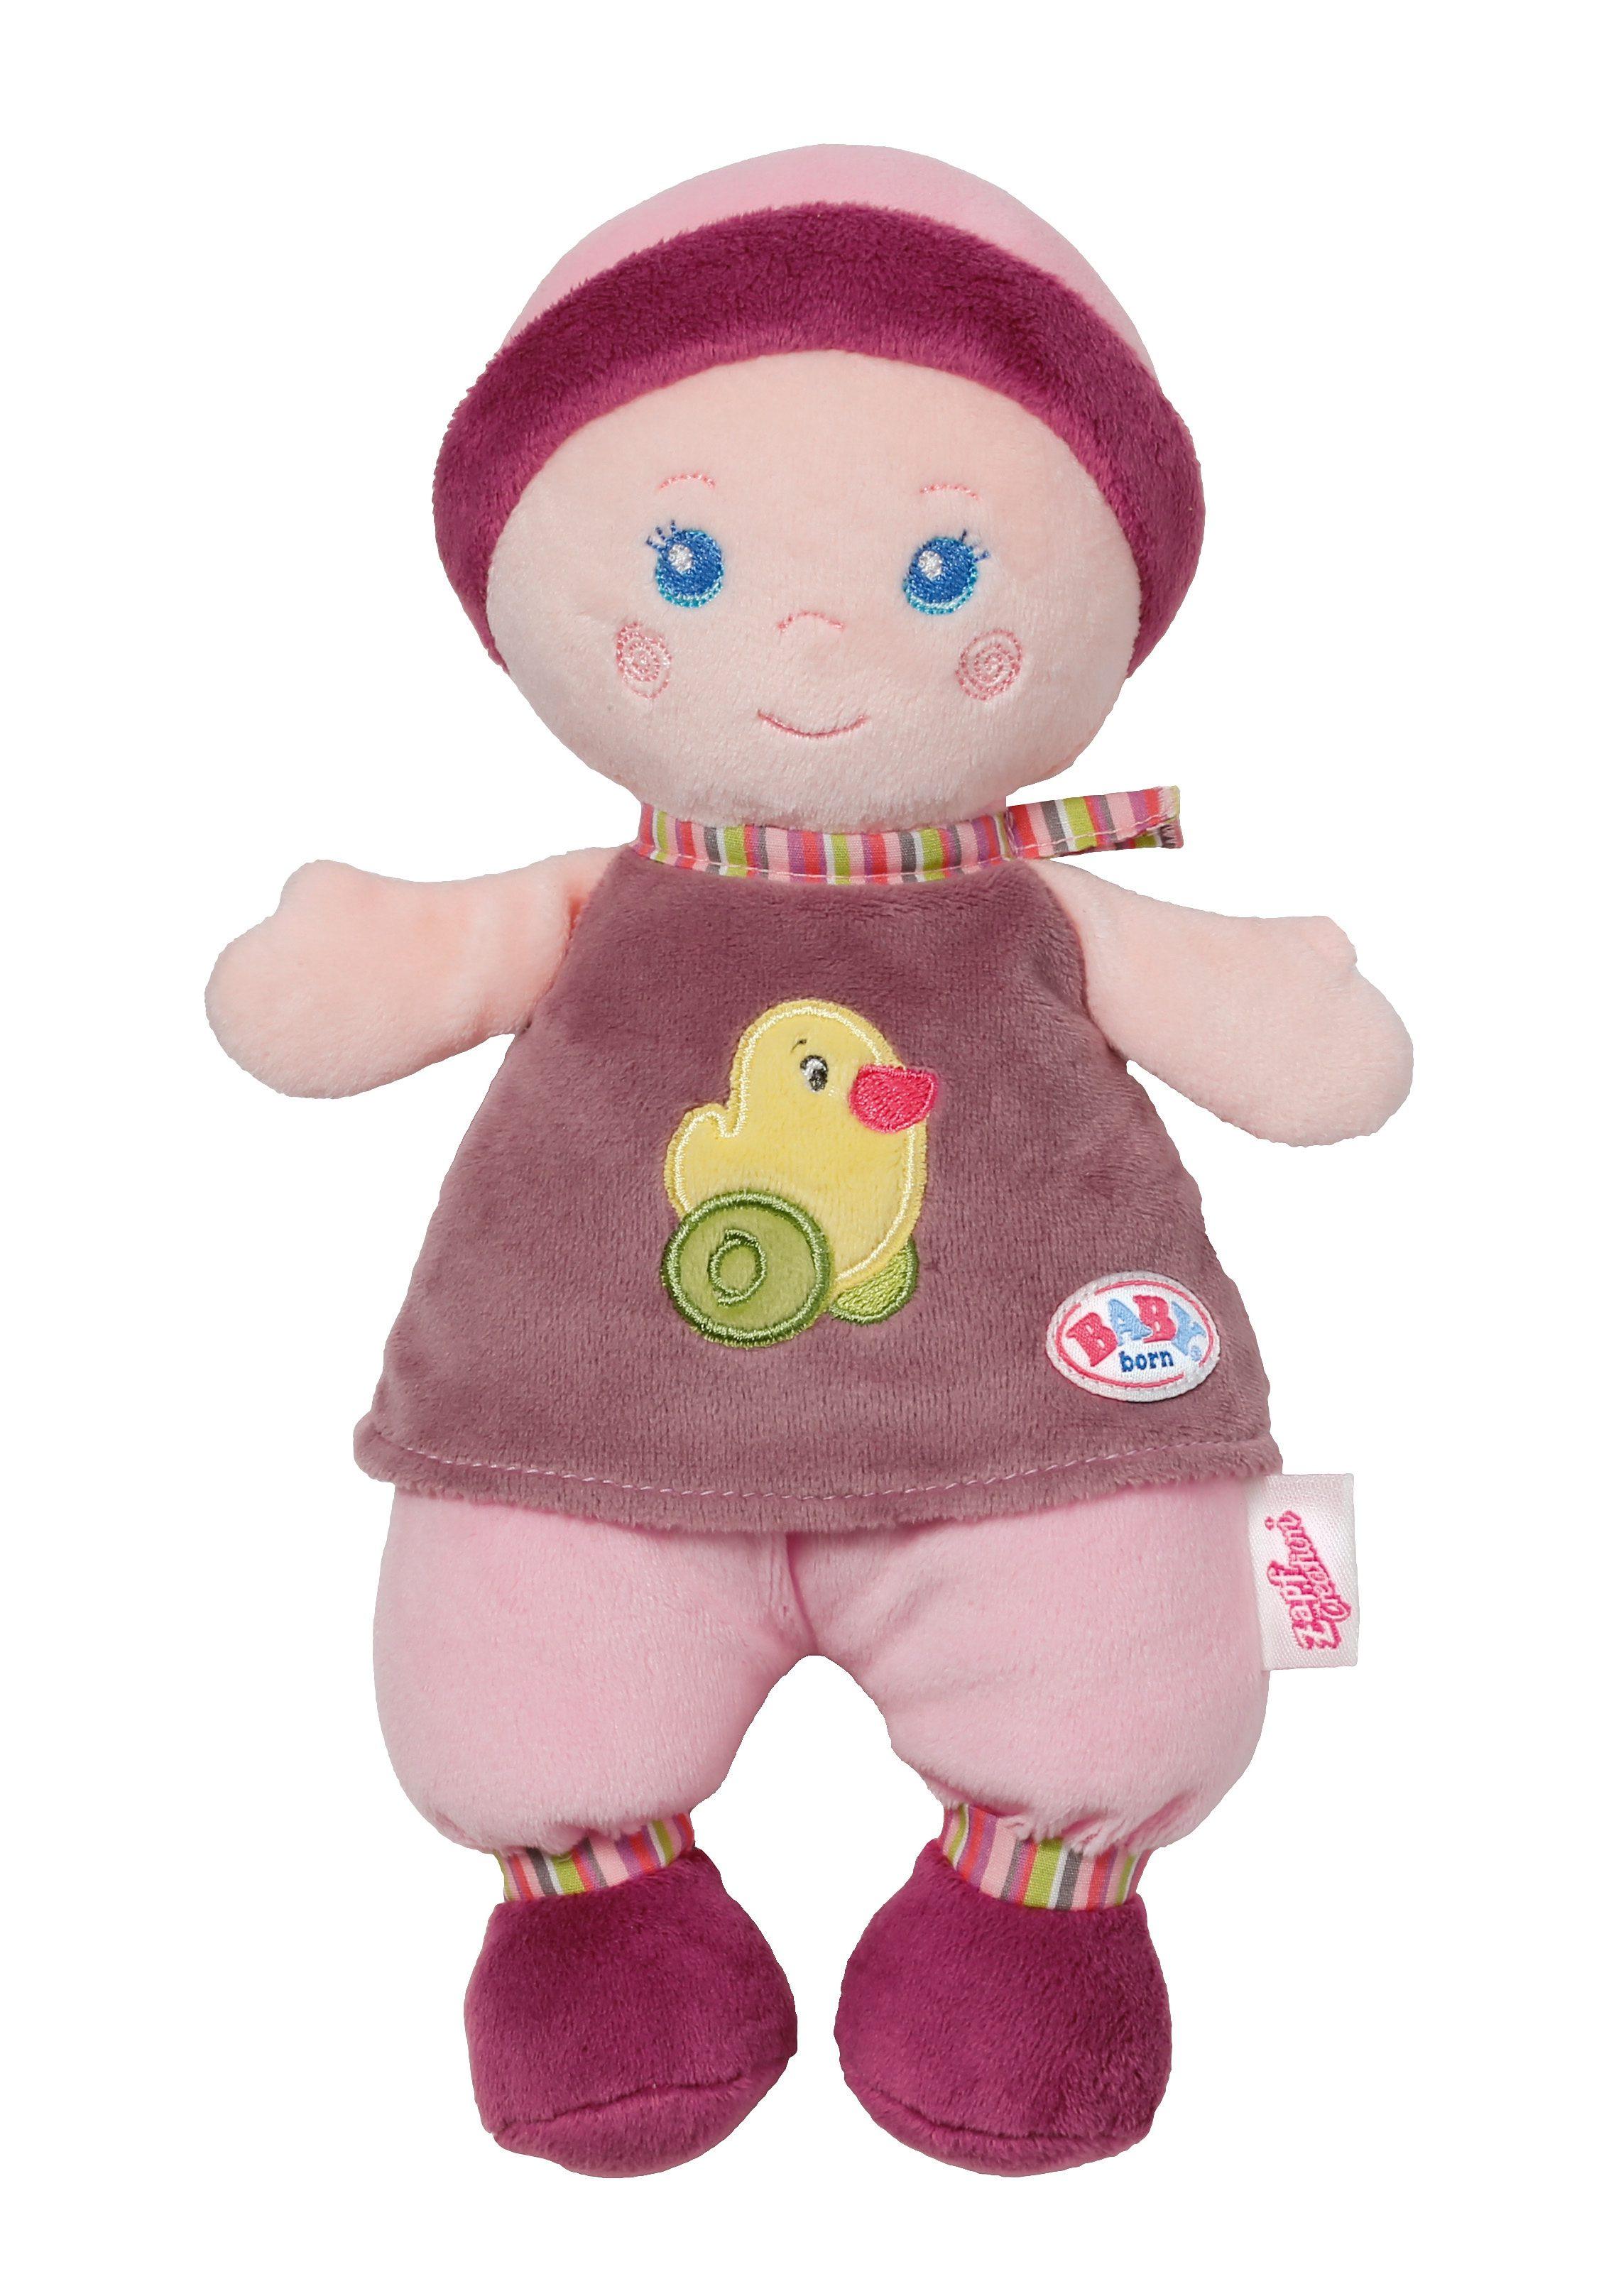 Zapf Creation Puppe aus Plüsch, »BABY born® for babies - Spielpuppe groß«